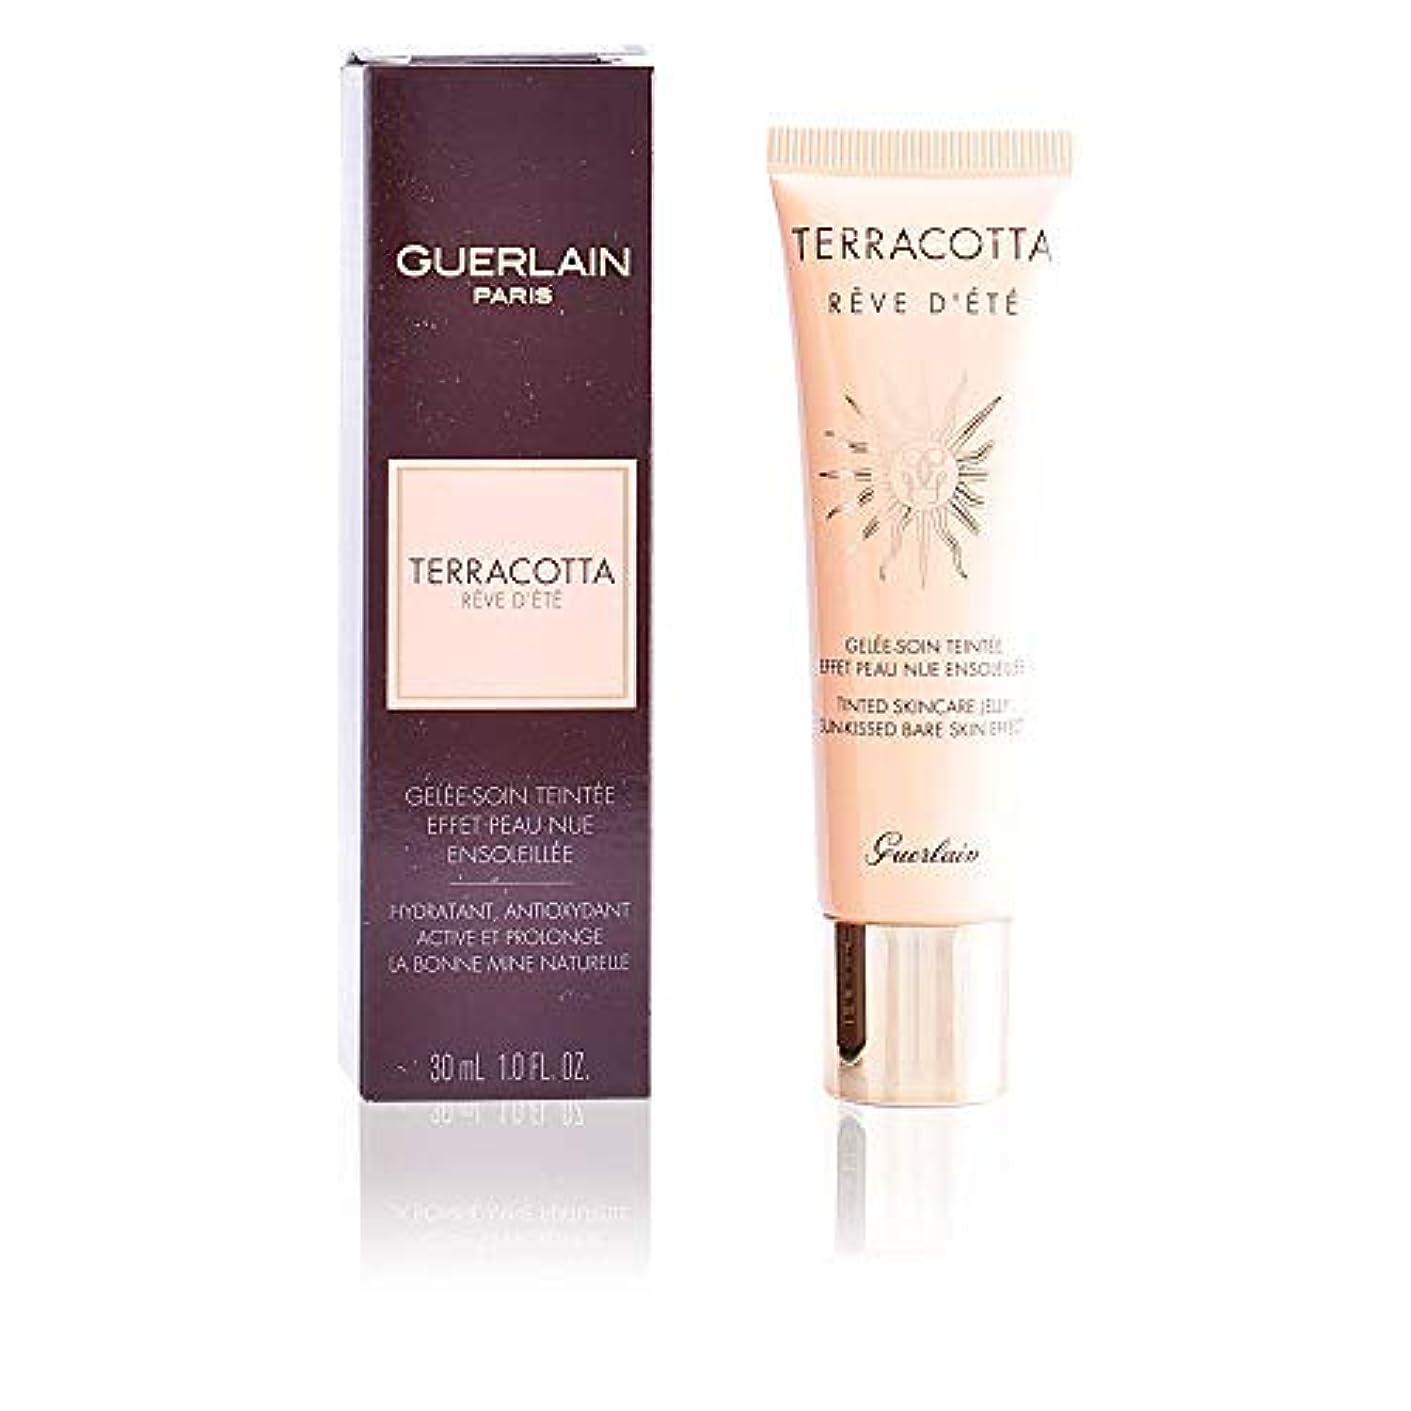 知り合い言い訳セブンゲラン Terracotta Reve D'ete Tinted Skincare Jelly - # Light 30ml/1oz並行輸入品